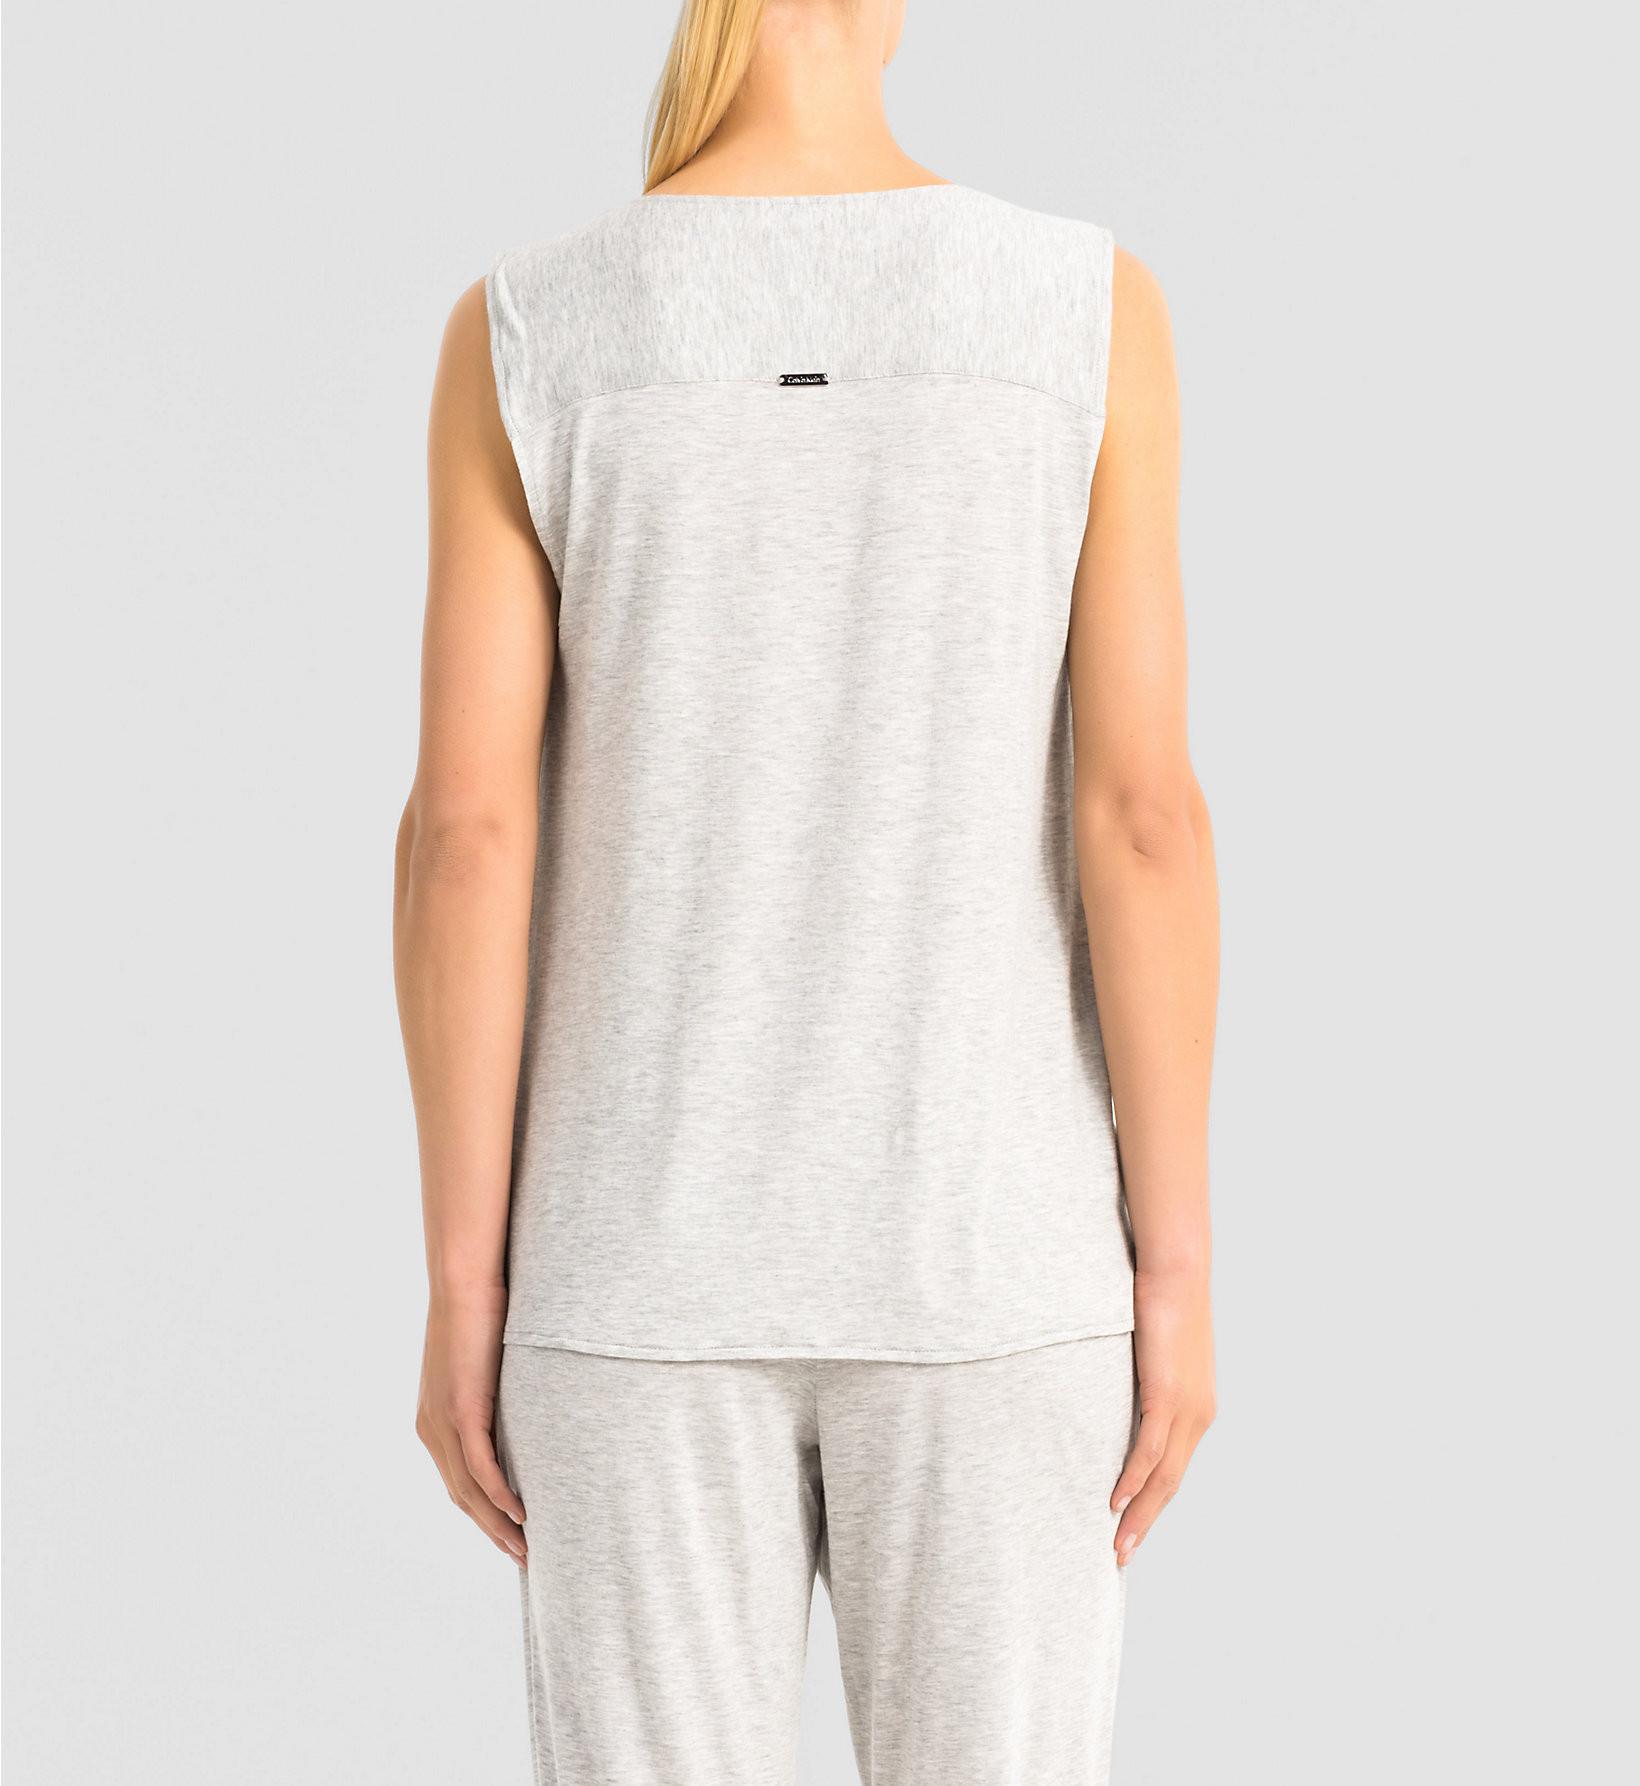 Dámské tričko Release QS5715E - Calvin Klein Barva: šedá, Velikost: S